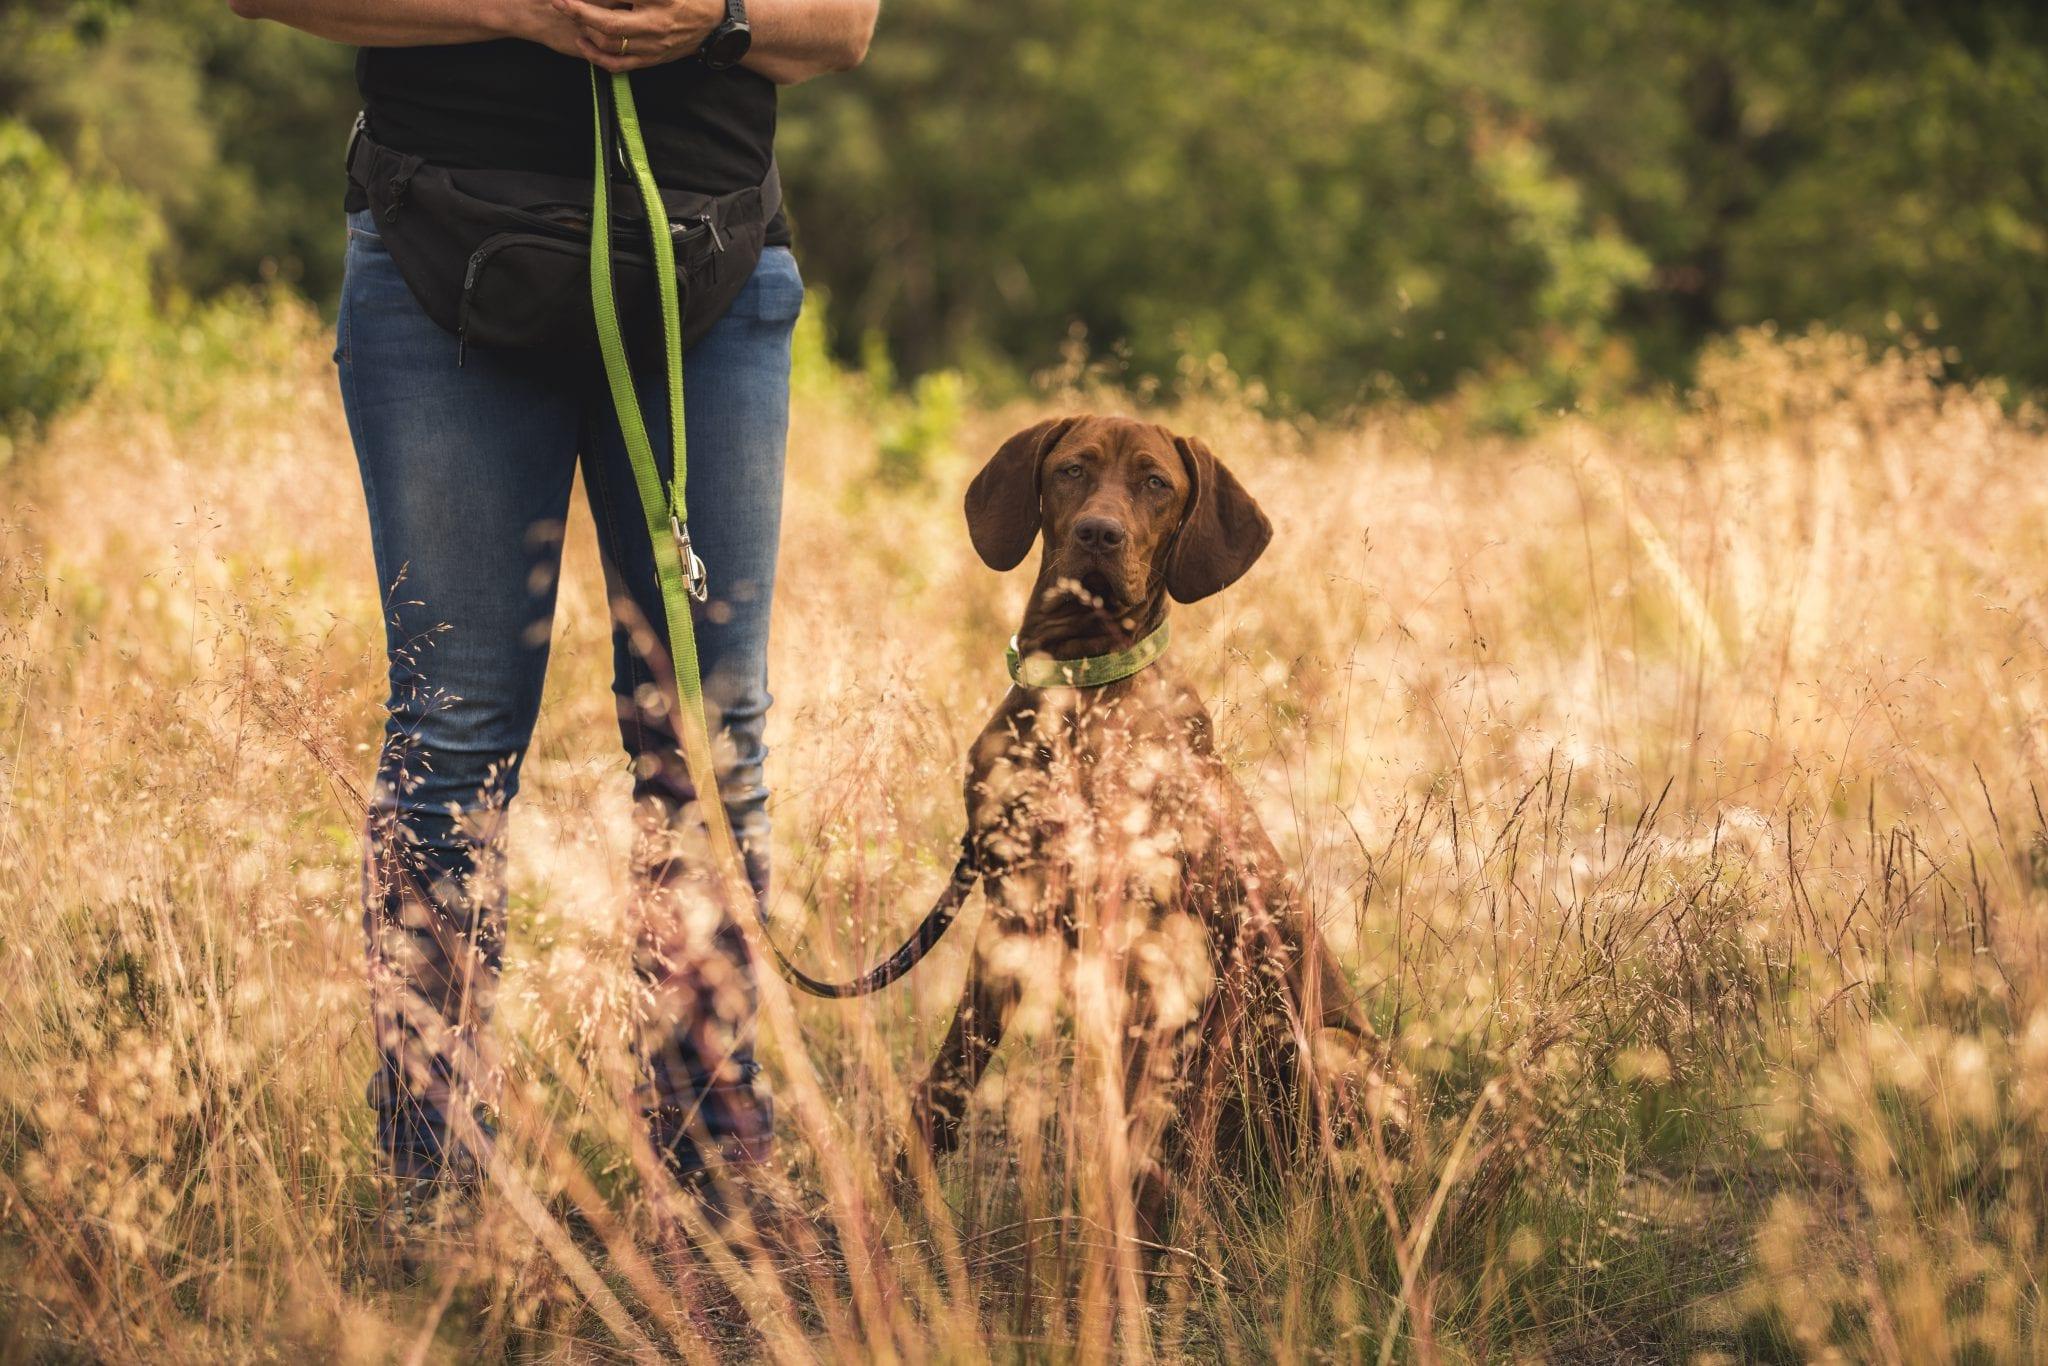 wat doet giardia bij honden